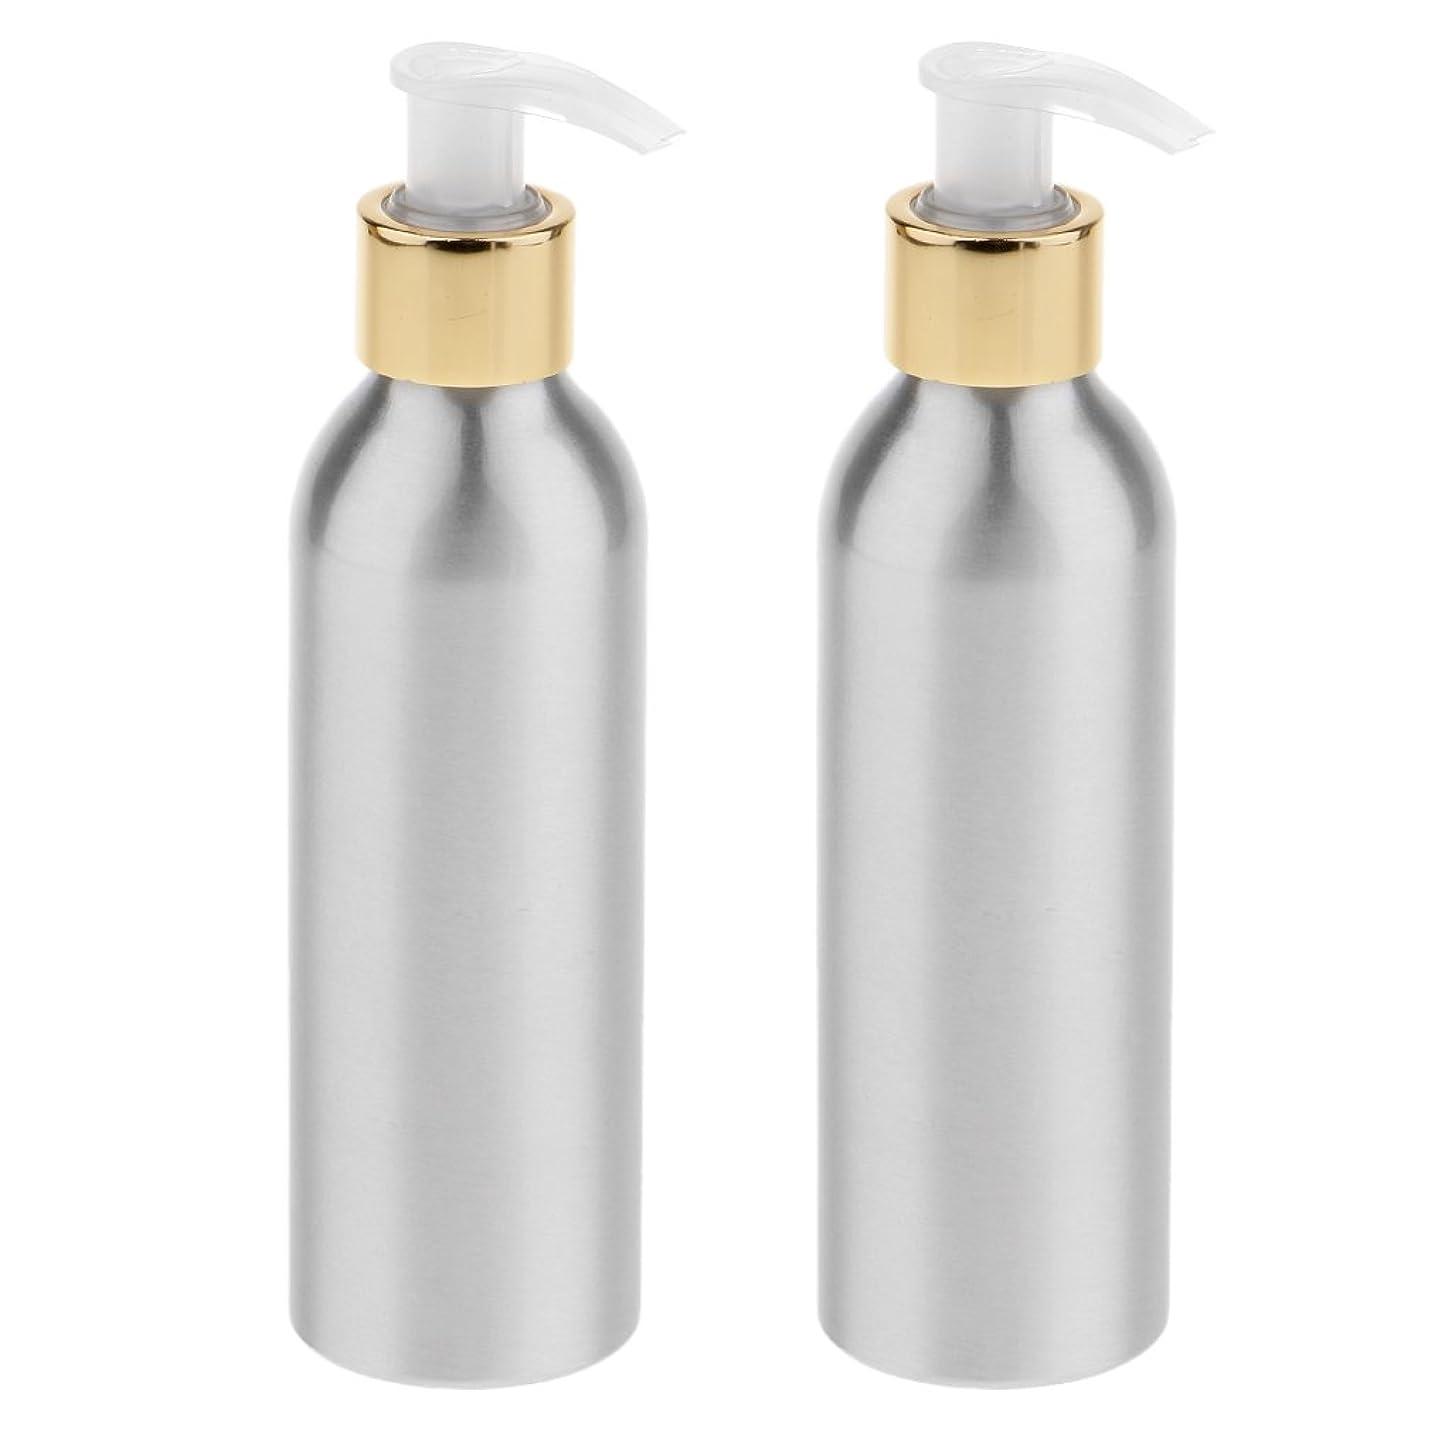 配置放棄する単なるDYNWAVE 2本 スプレーボトル 空ボトル アルミボトル ポンプボトル 香水ボトル シャンプー 全6サイズ - 150m